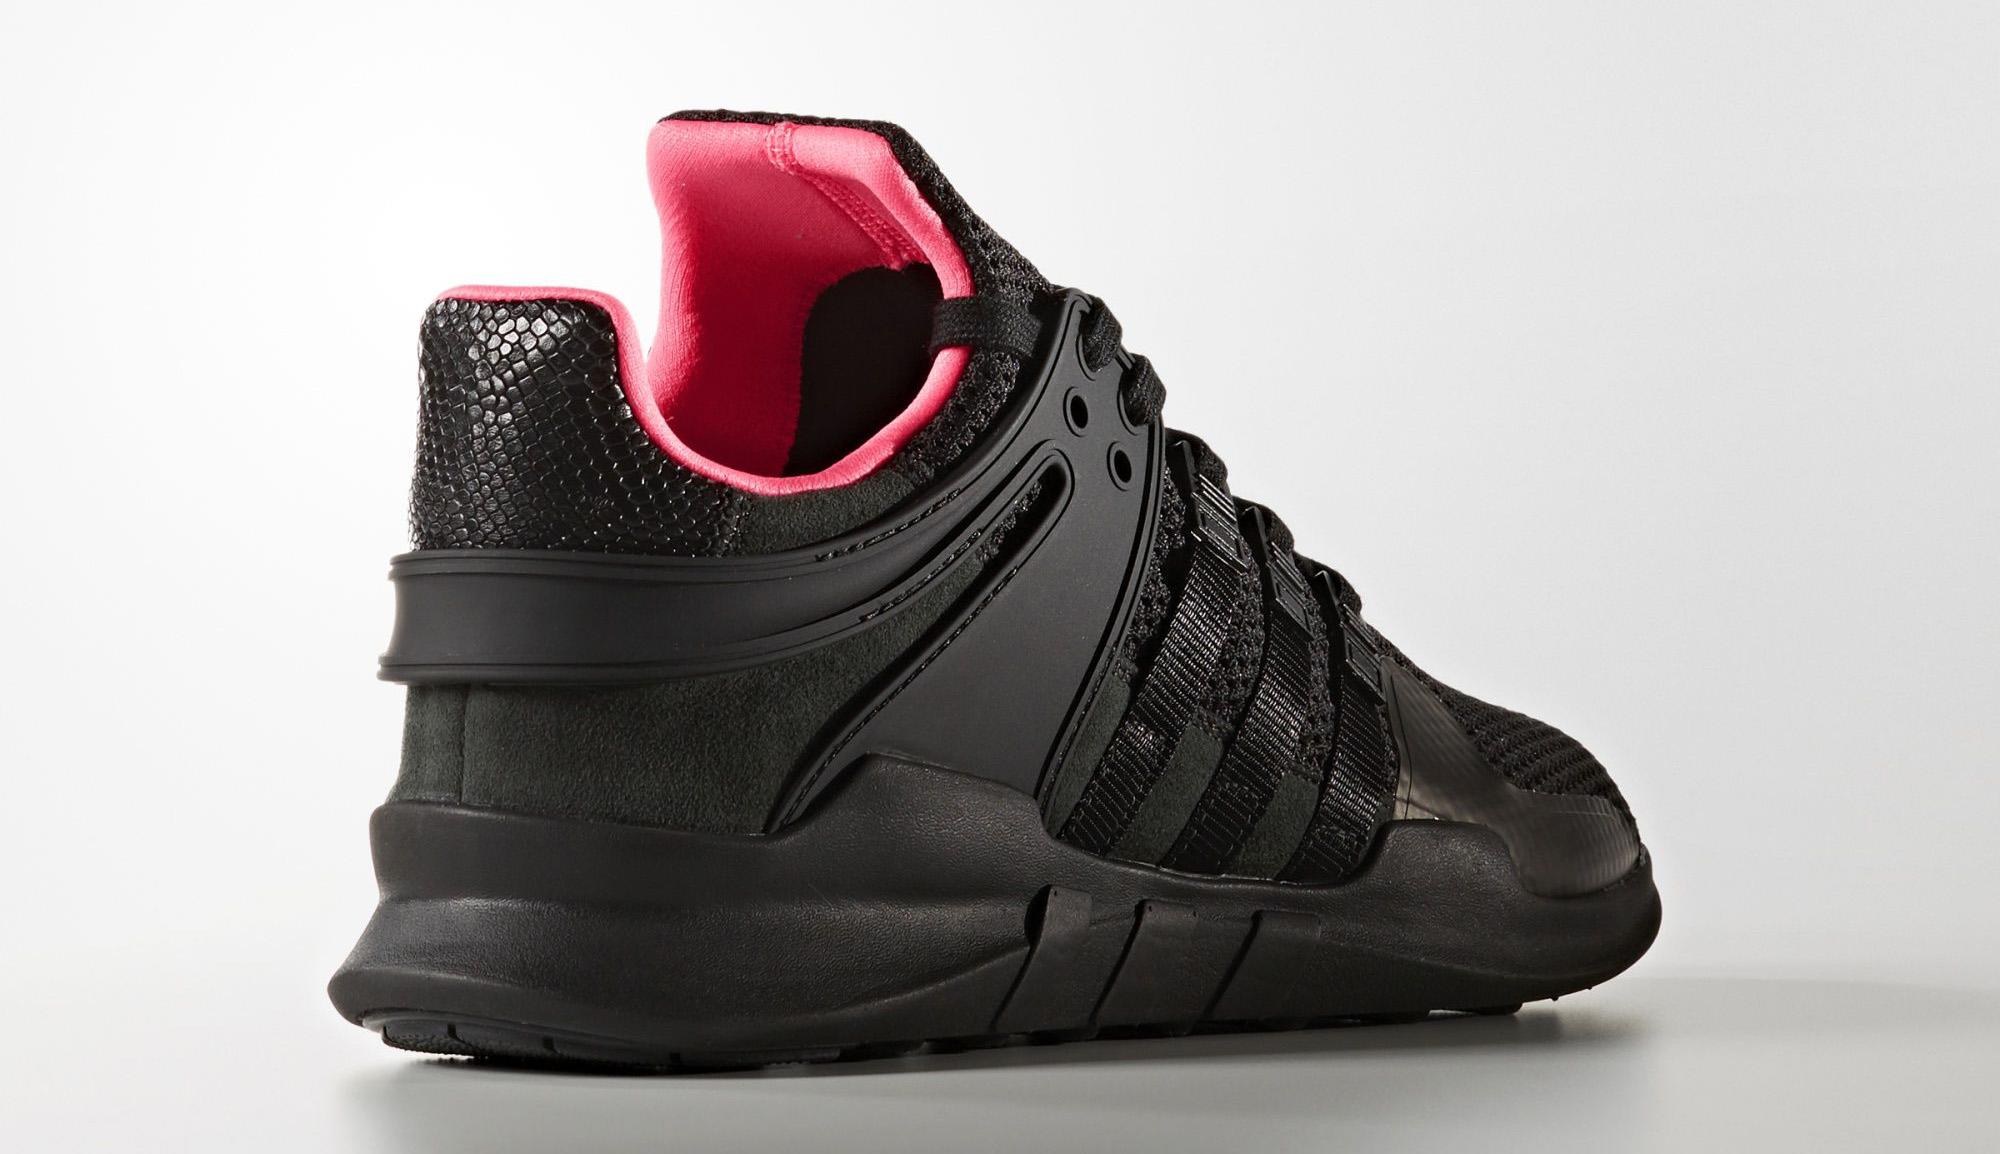 Adidas EQT Support ADV Core Black Turbo